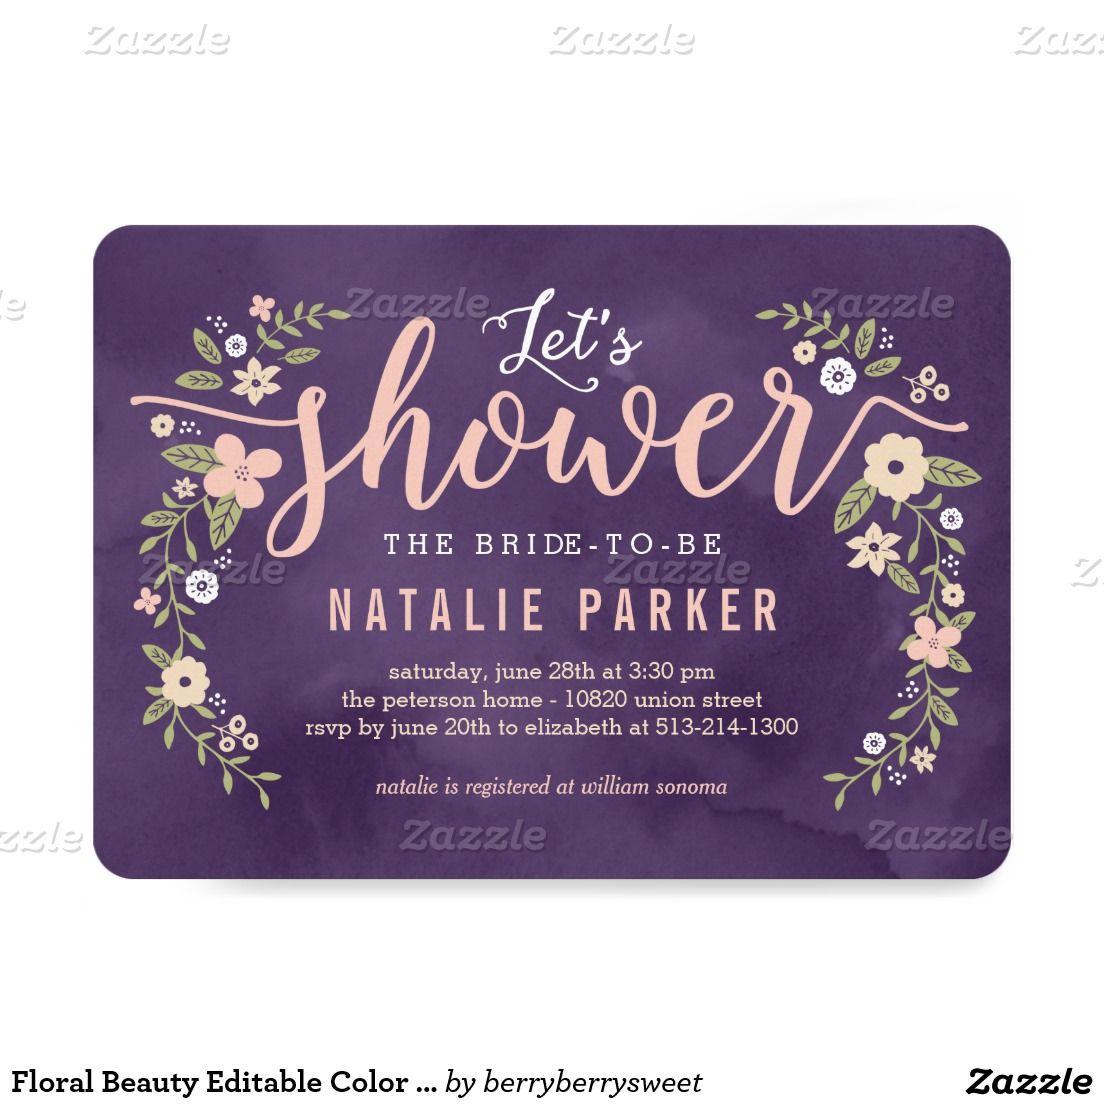 Floral beauty editable color bridal shower invite bridal shower floral beauty editable color bridal shower invite 5 x 7 invitation card filmwisefo